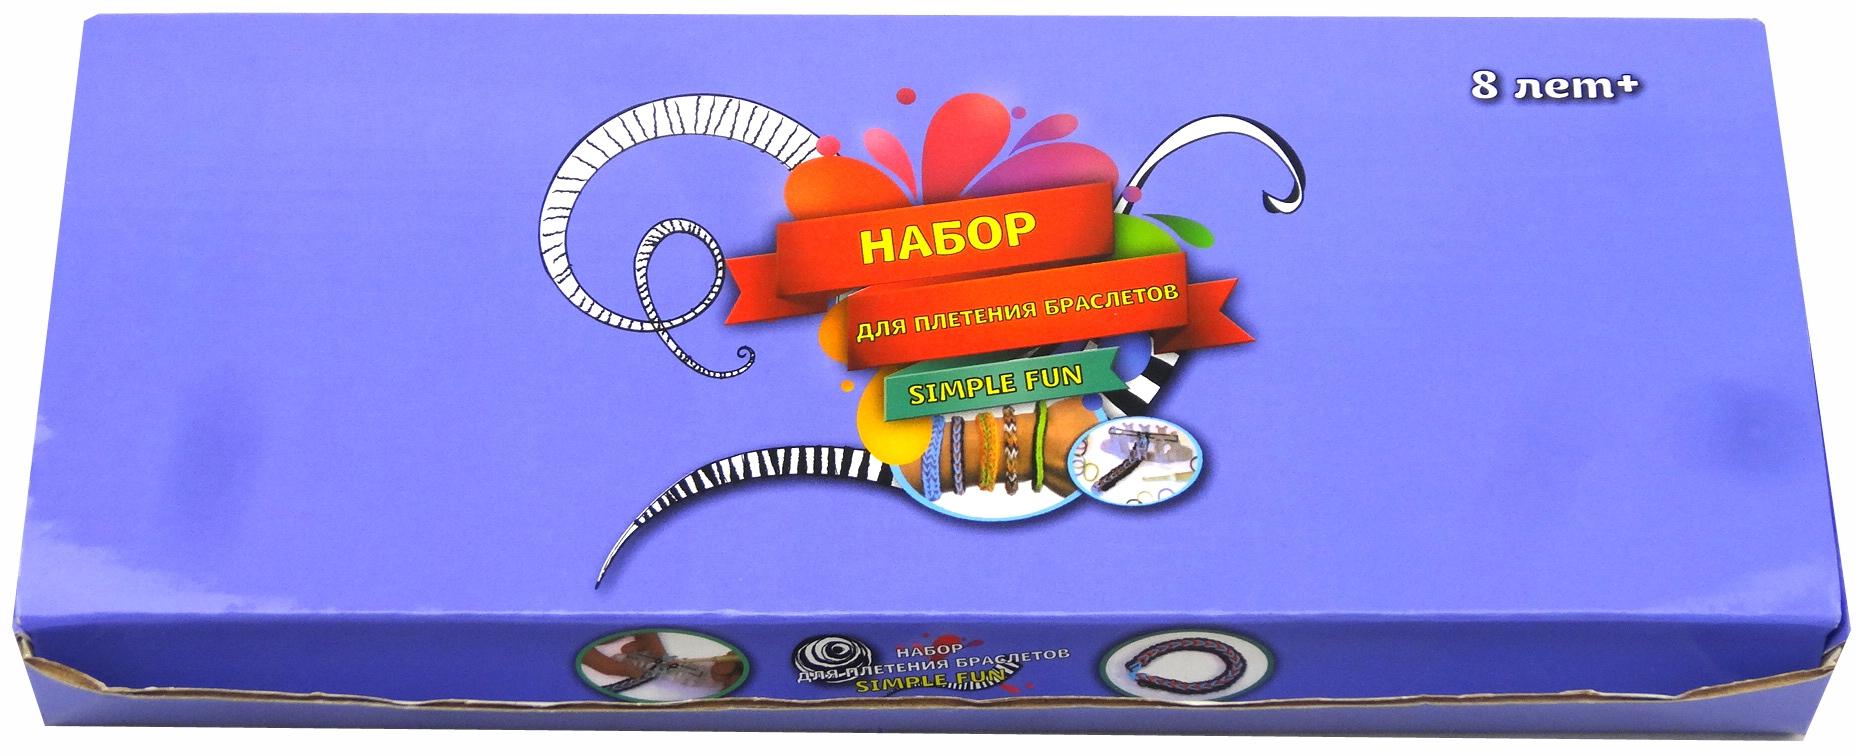 Украшения Simple Fun Набор для плетения браслетов Simple Fun «Loom» 600 шт. украшения simple fun набор для плетения браслетов simple fun loom ребристые 200 шт